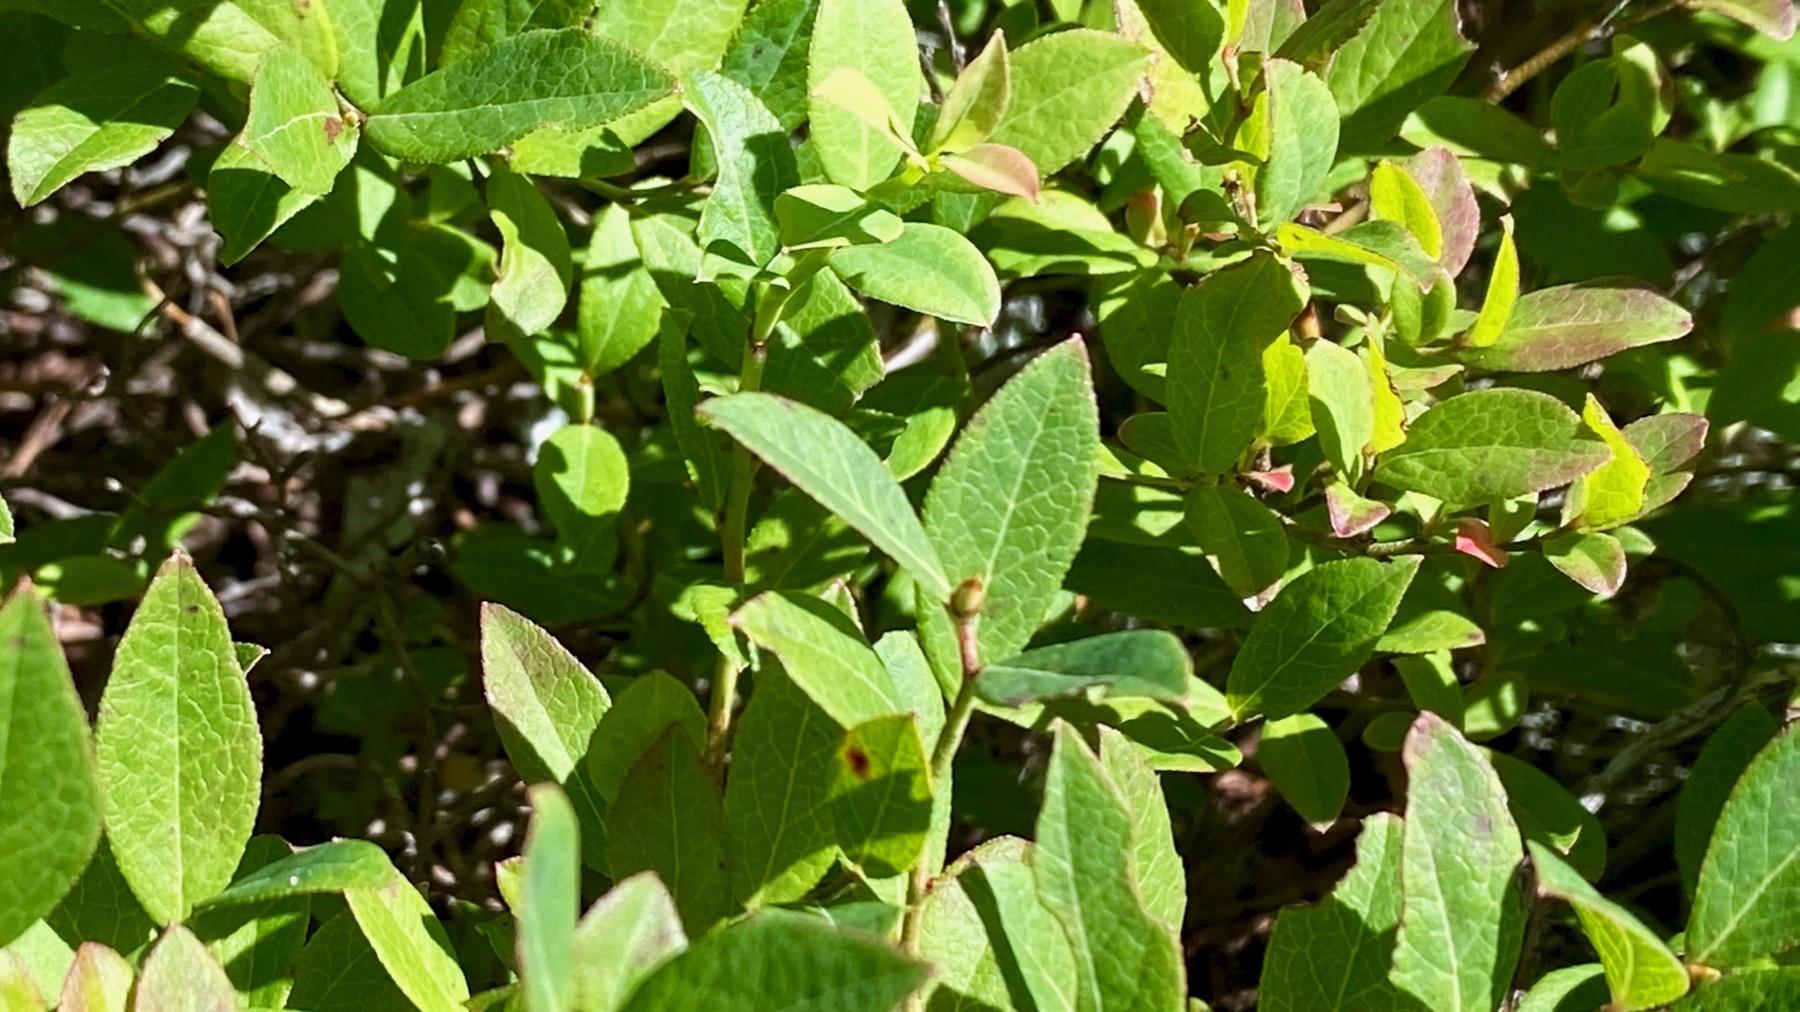 Blueberryplants